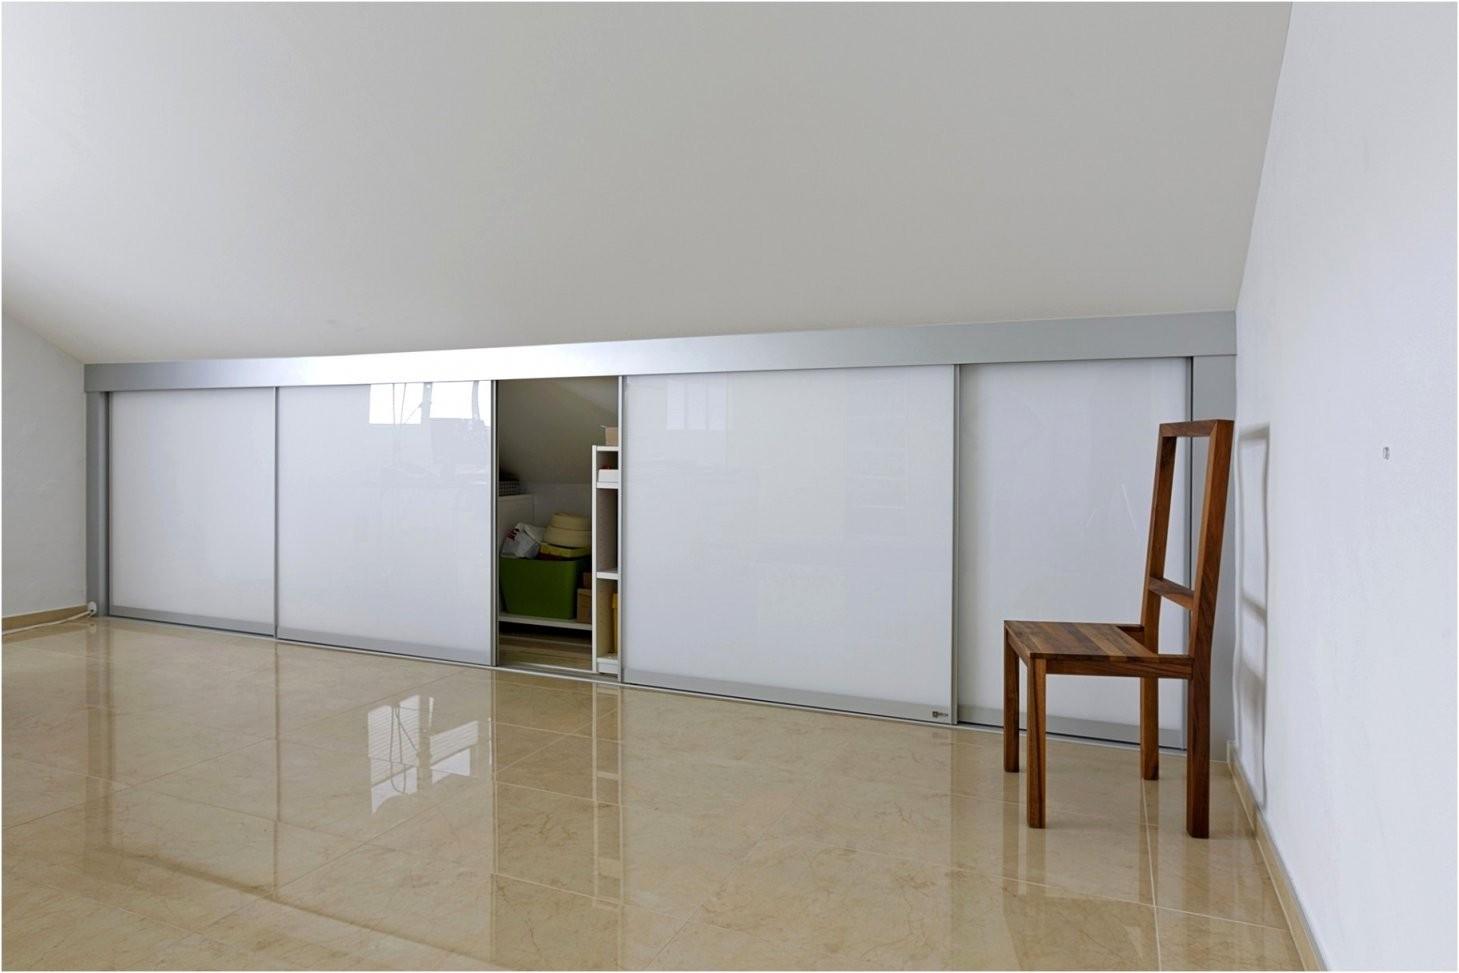 Full Size of Schrank Dachschräge Hinten Ikea Diy Dachschrage Spiegelschrank Für Bad Jalousieschrank Küche Badezimmer Hängeschrank Wohnzimmer Eckunterschrank Eckschrank Wohnzimmer Schrank Dachschräge Hinten Ikea